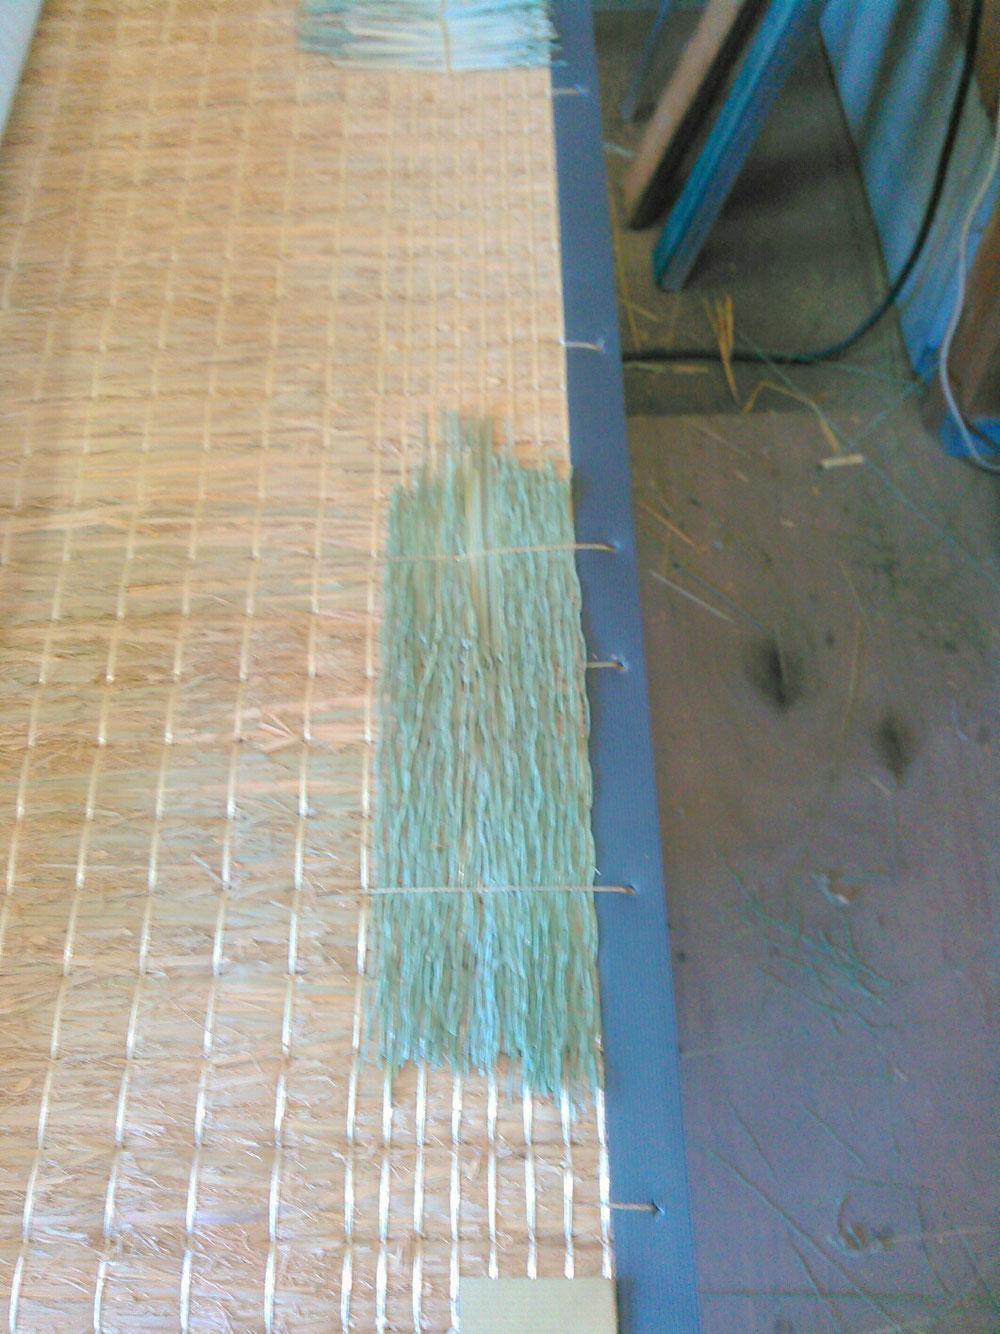 コーナー(補強材)を手縫いしまして、畳の丈を増やす作業です。